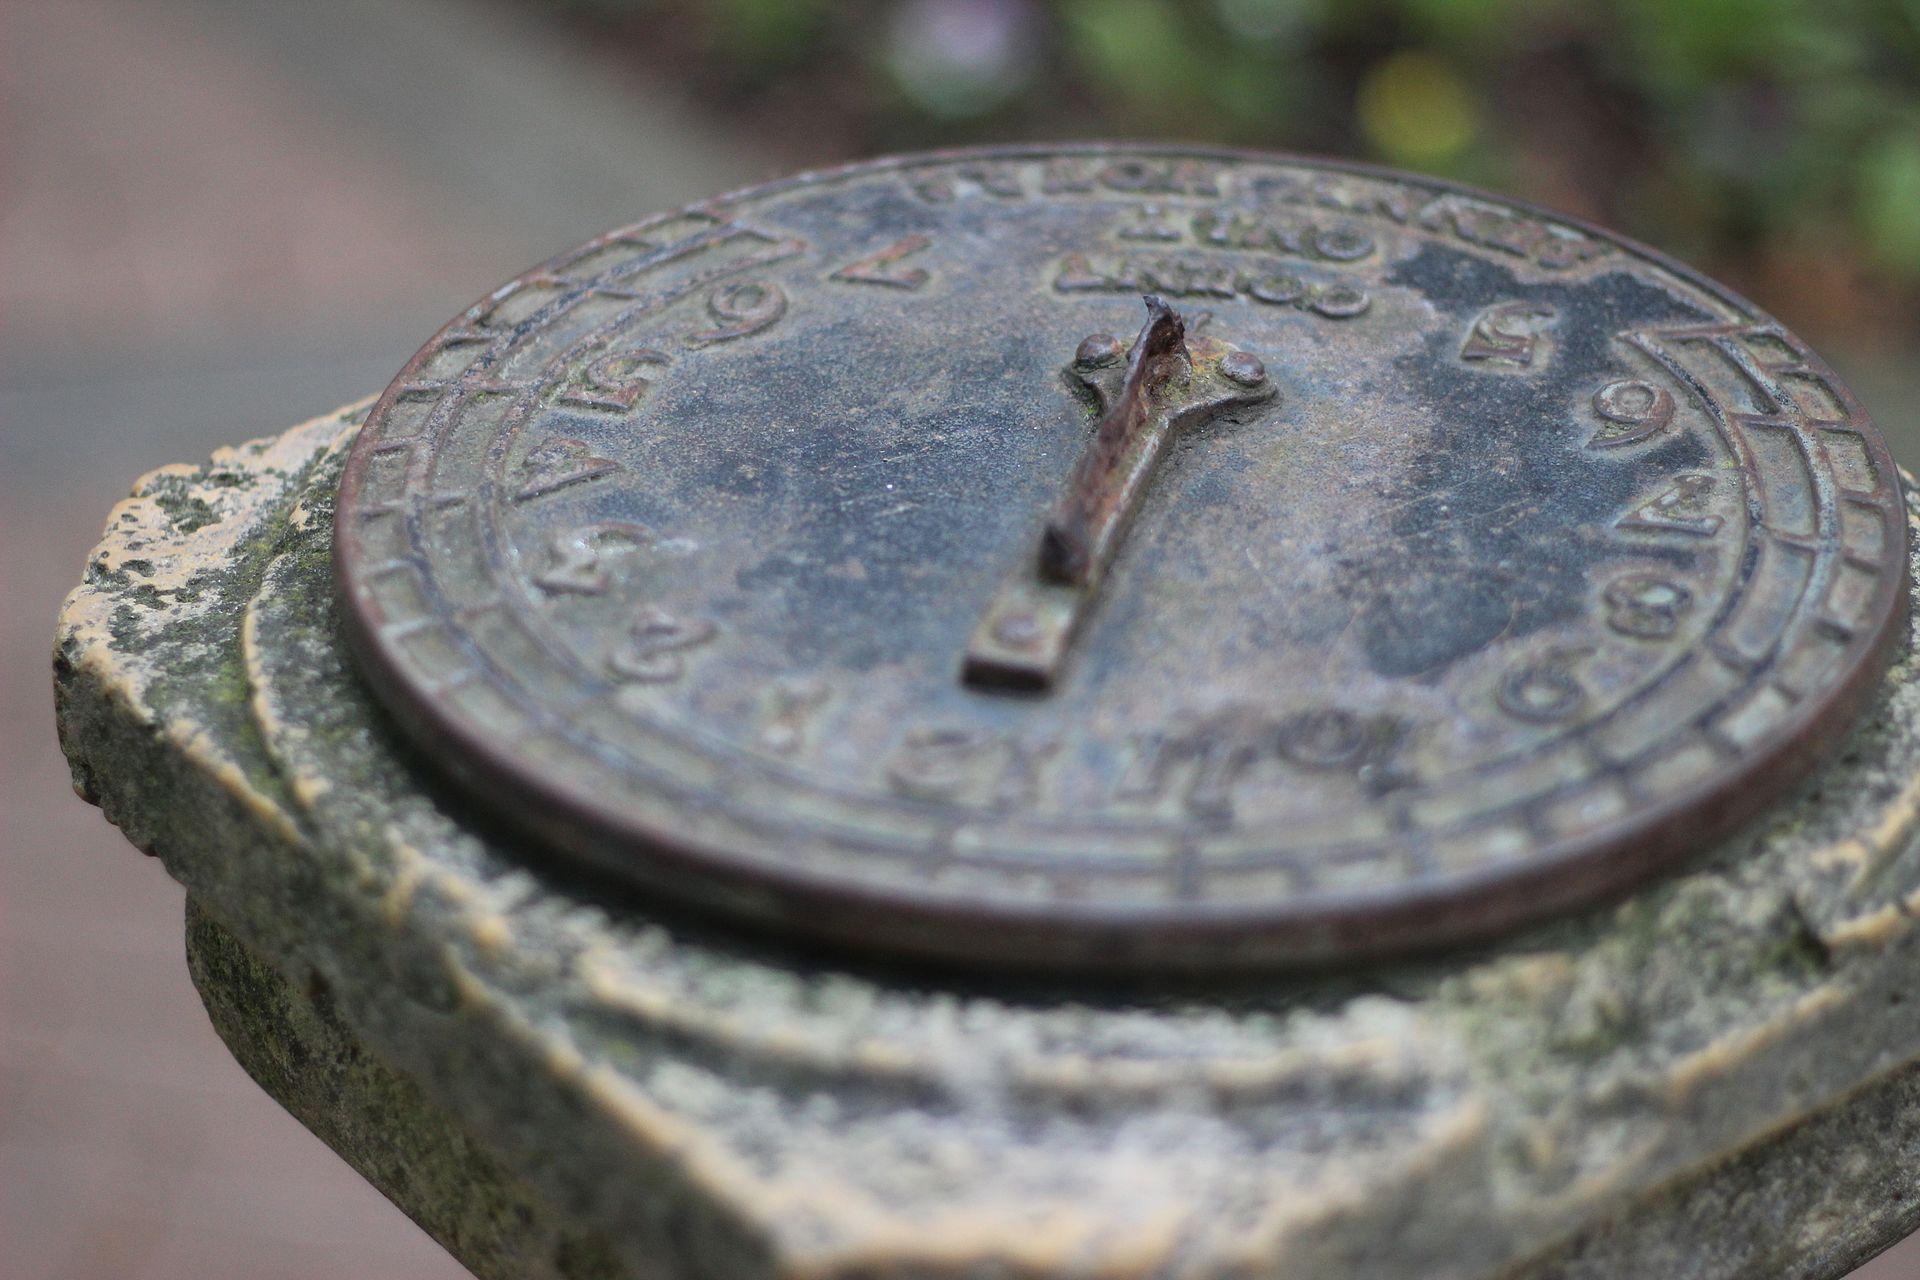 Sundial in the Shakespeare Garden, Golden Gate Park